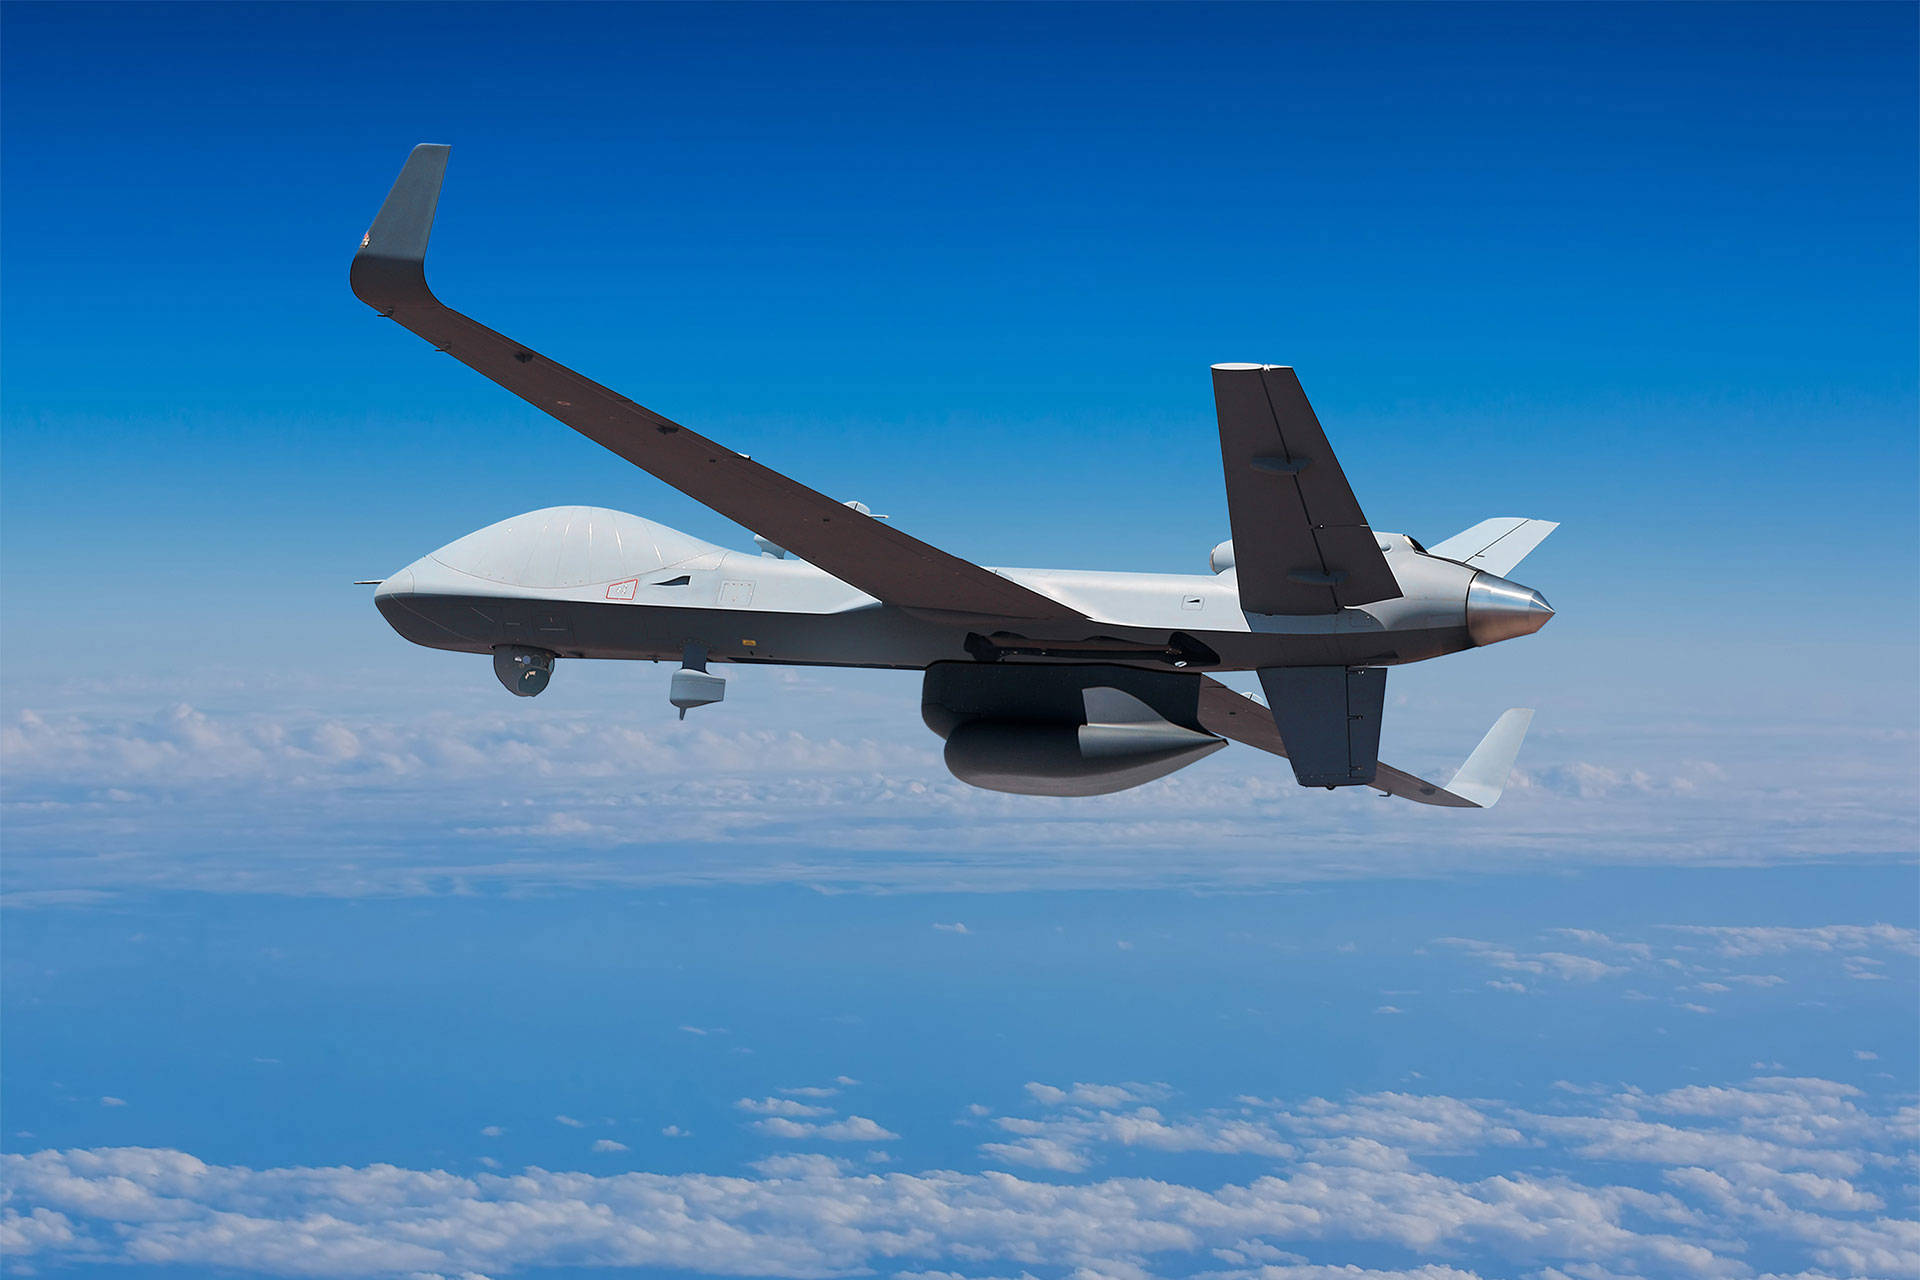 外媒称美国接近批准向台湾出售大型无人机